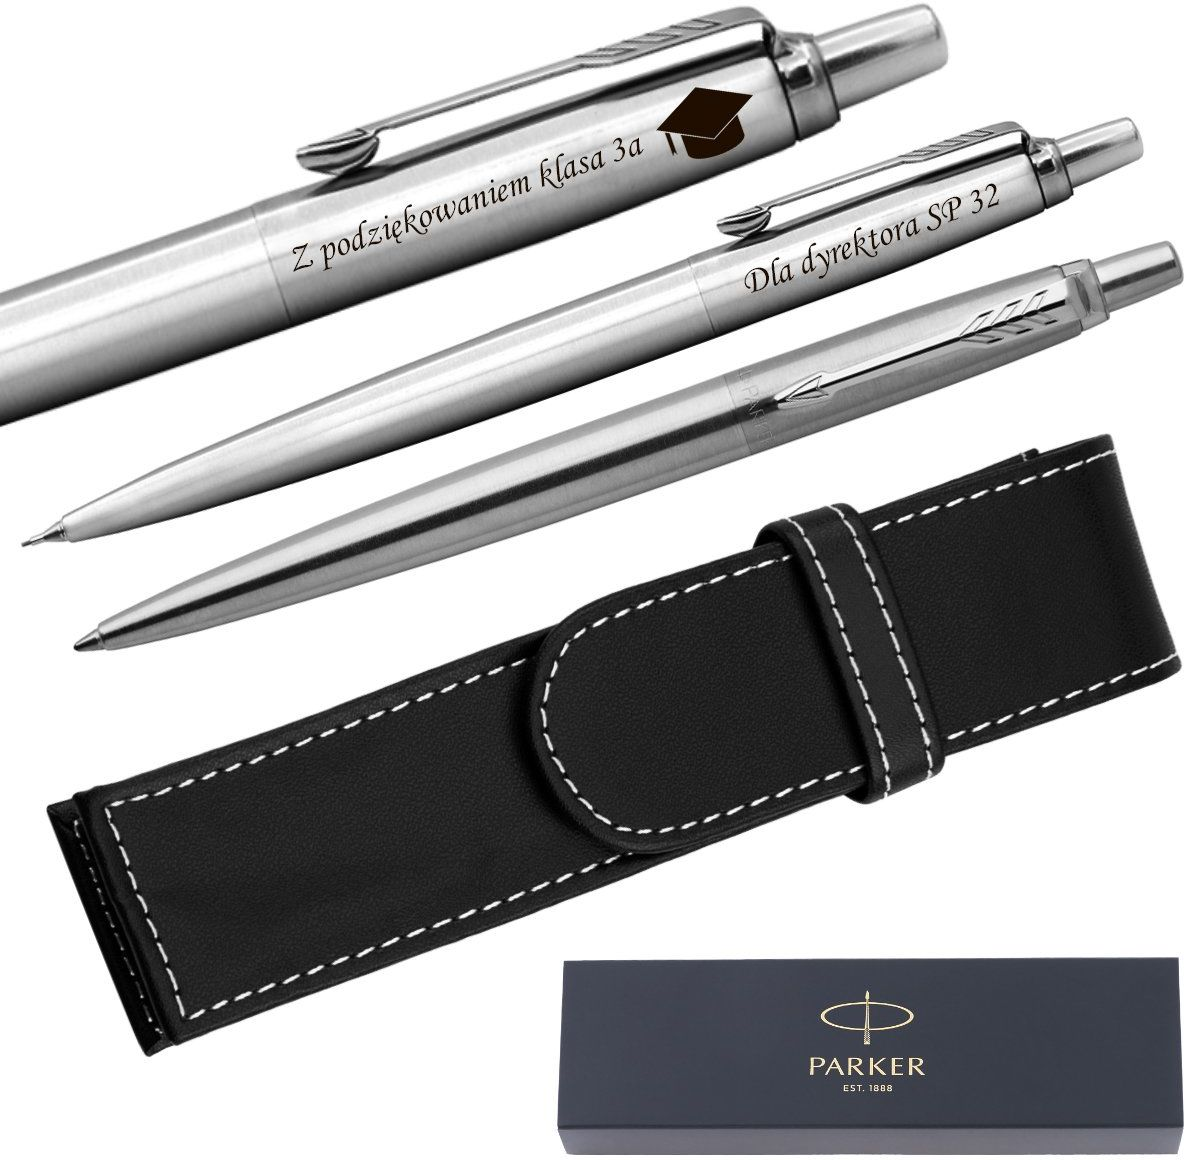 Zestaw Parker Jotter CT stalowy Ołówek + Długopis + Etui Grawer